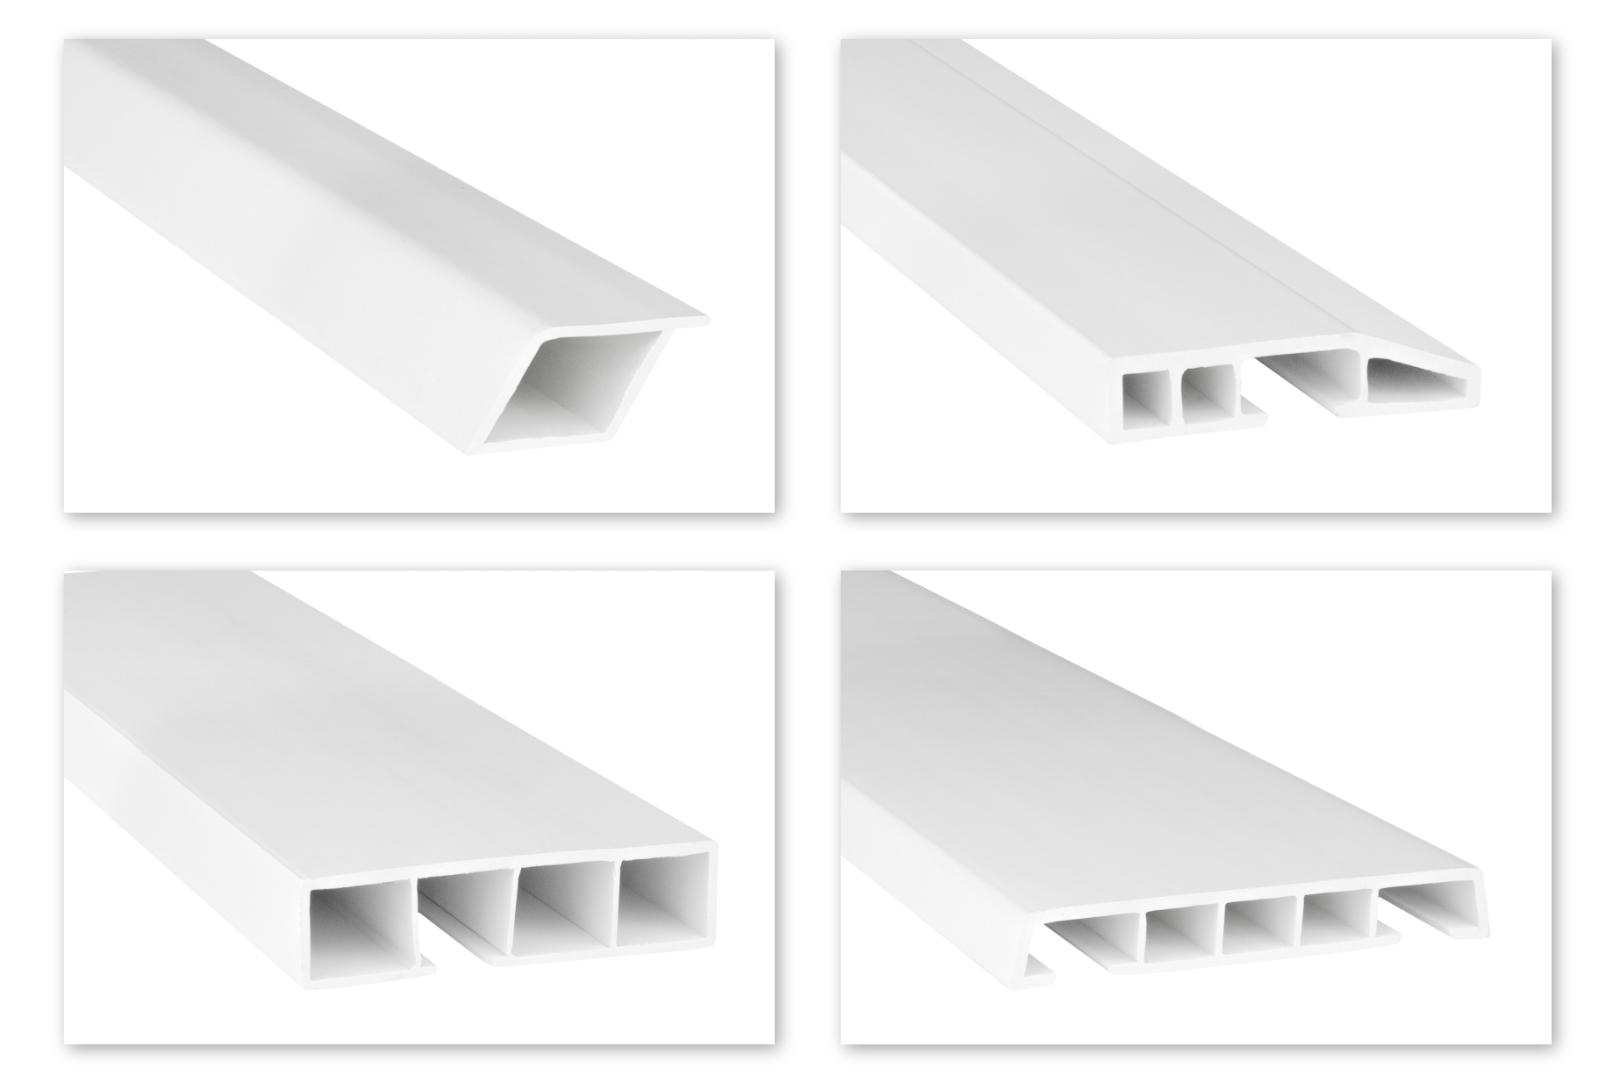 Hohlkammerleisten PVC weiß 2m - Sonderprofile, abgeschrägt & zum klipsen - HJ